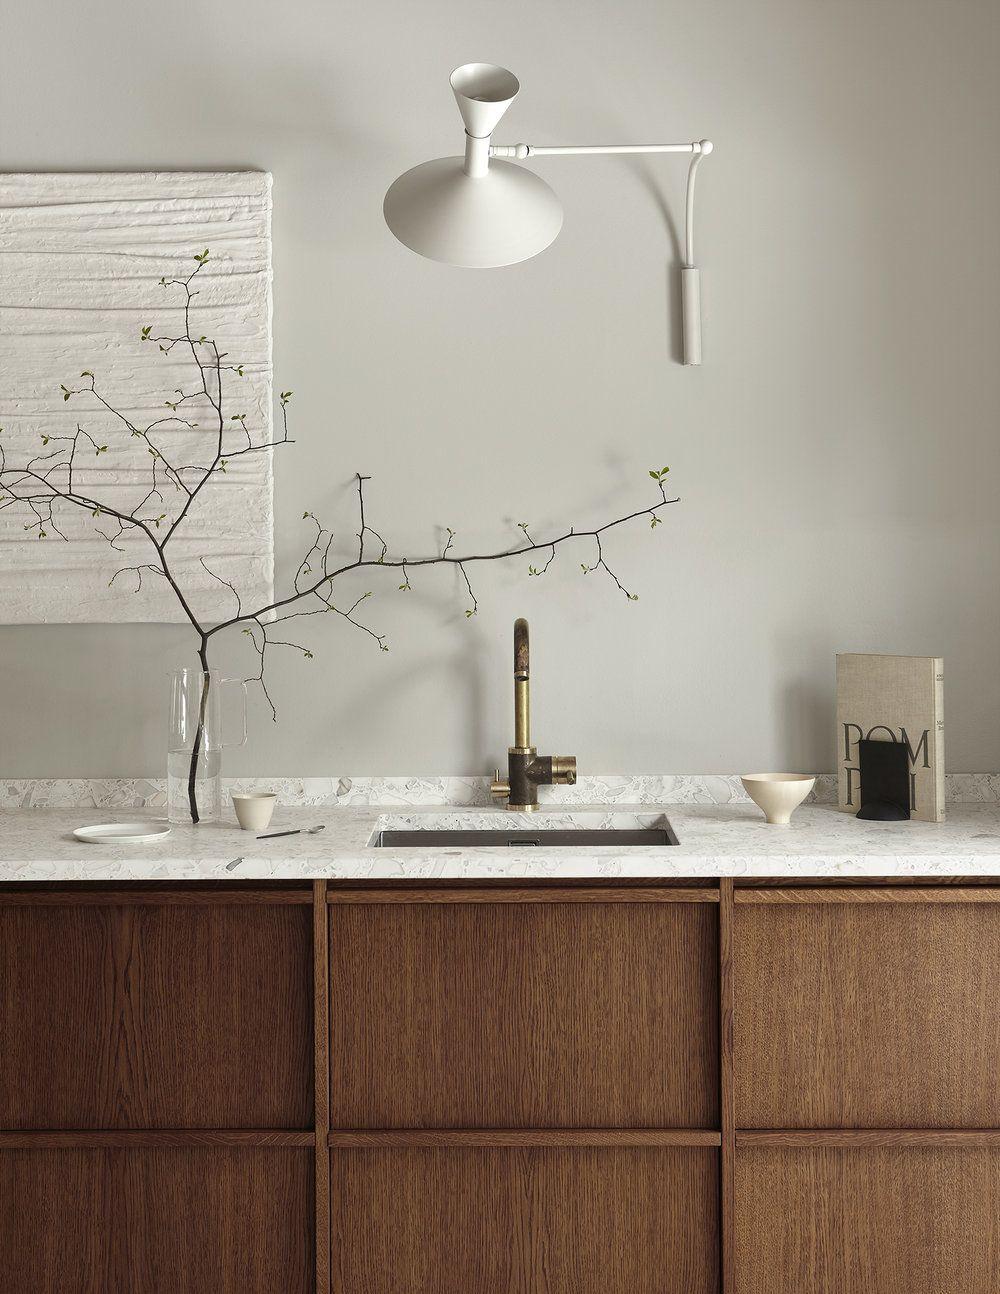 Hình ảnh một góc phòng bếp với bồn rửa bát, bề mặt ốp đá màu rắng, bình cây trang trí